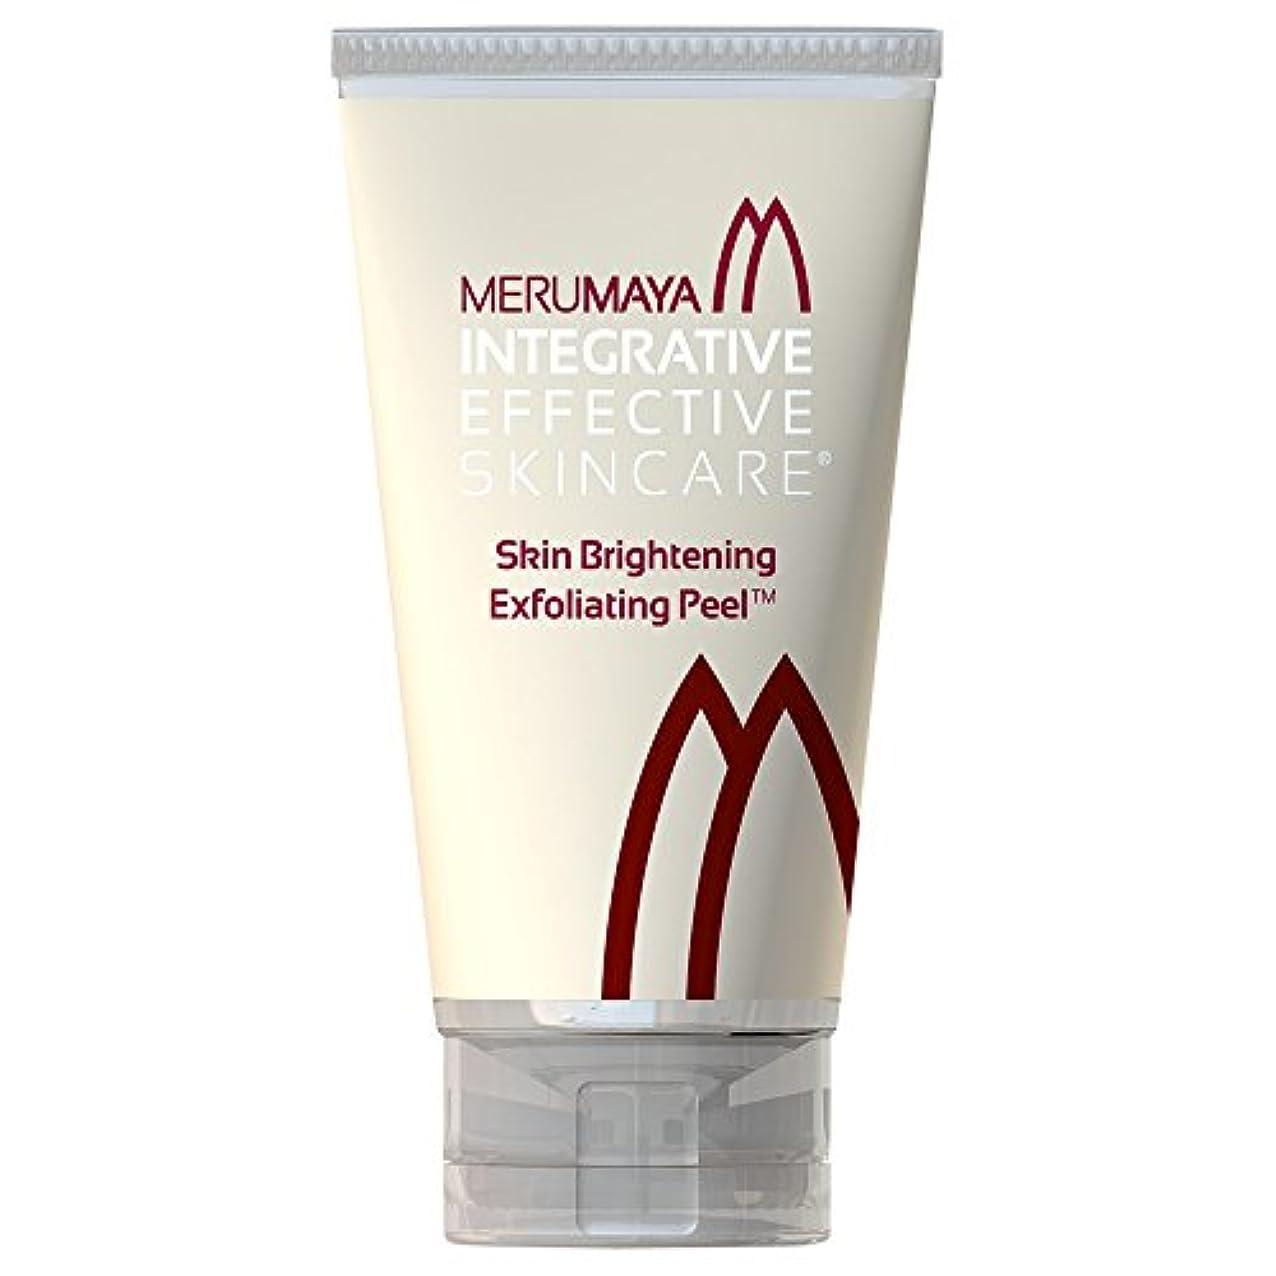 間違っている大佐勇者Merumayaスキンブライトニングピーリング剥離?の50ミリリットル (Merumaya) (x6) - MERUMAYA Skin Brightening Exfoliating Peel? 50ml (Pack of...